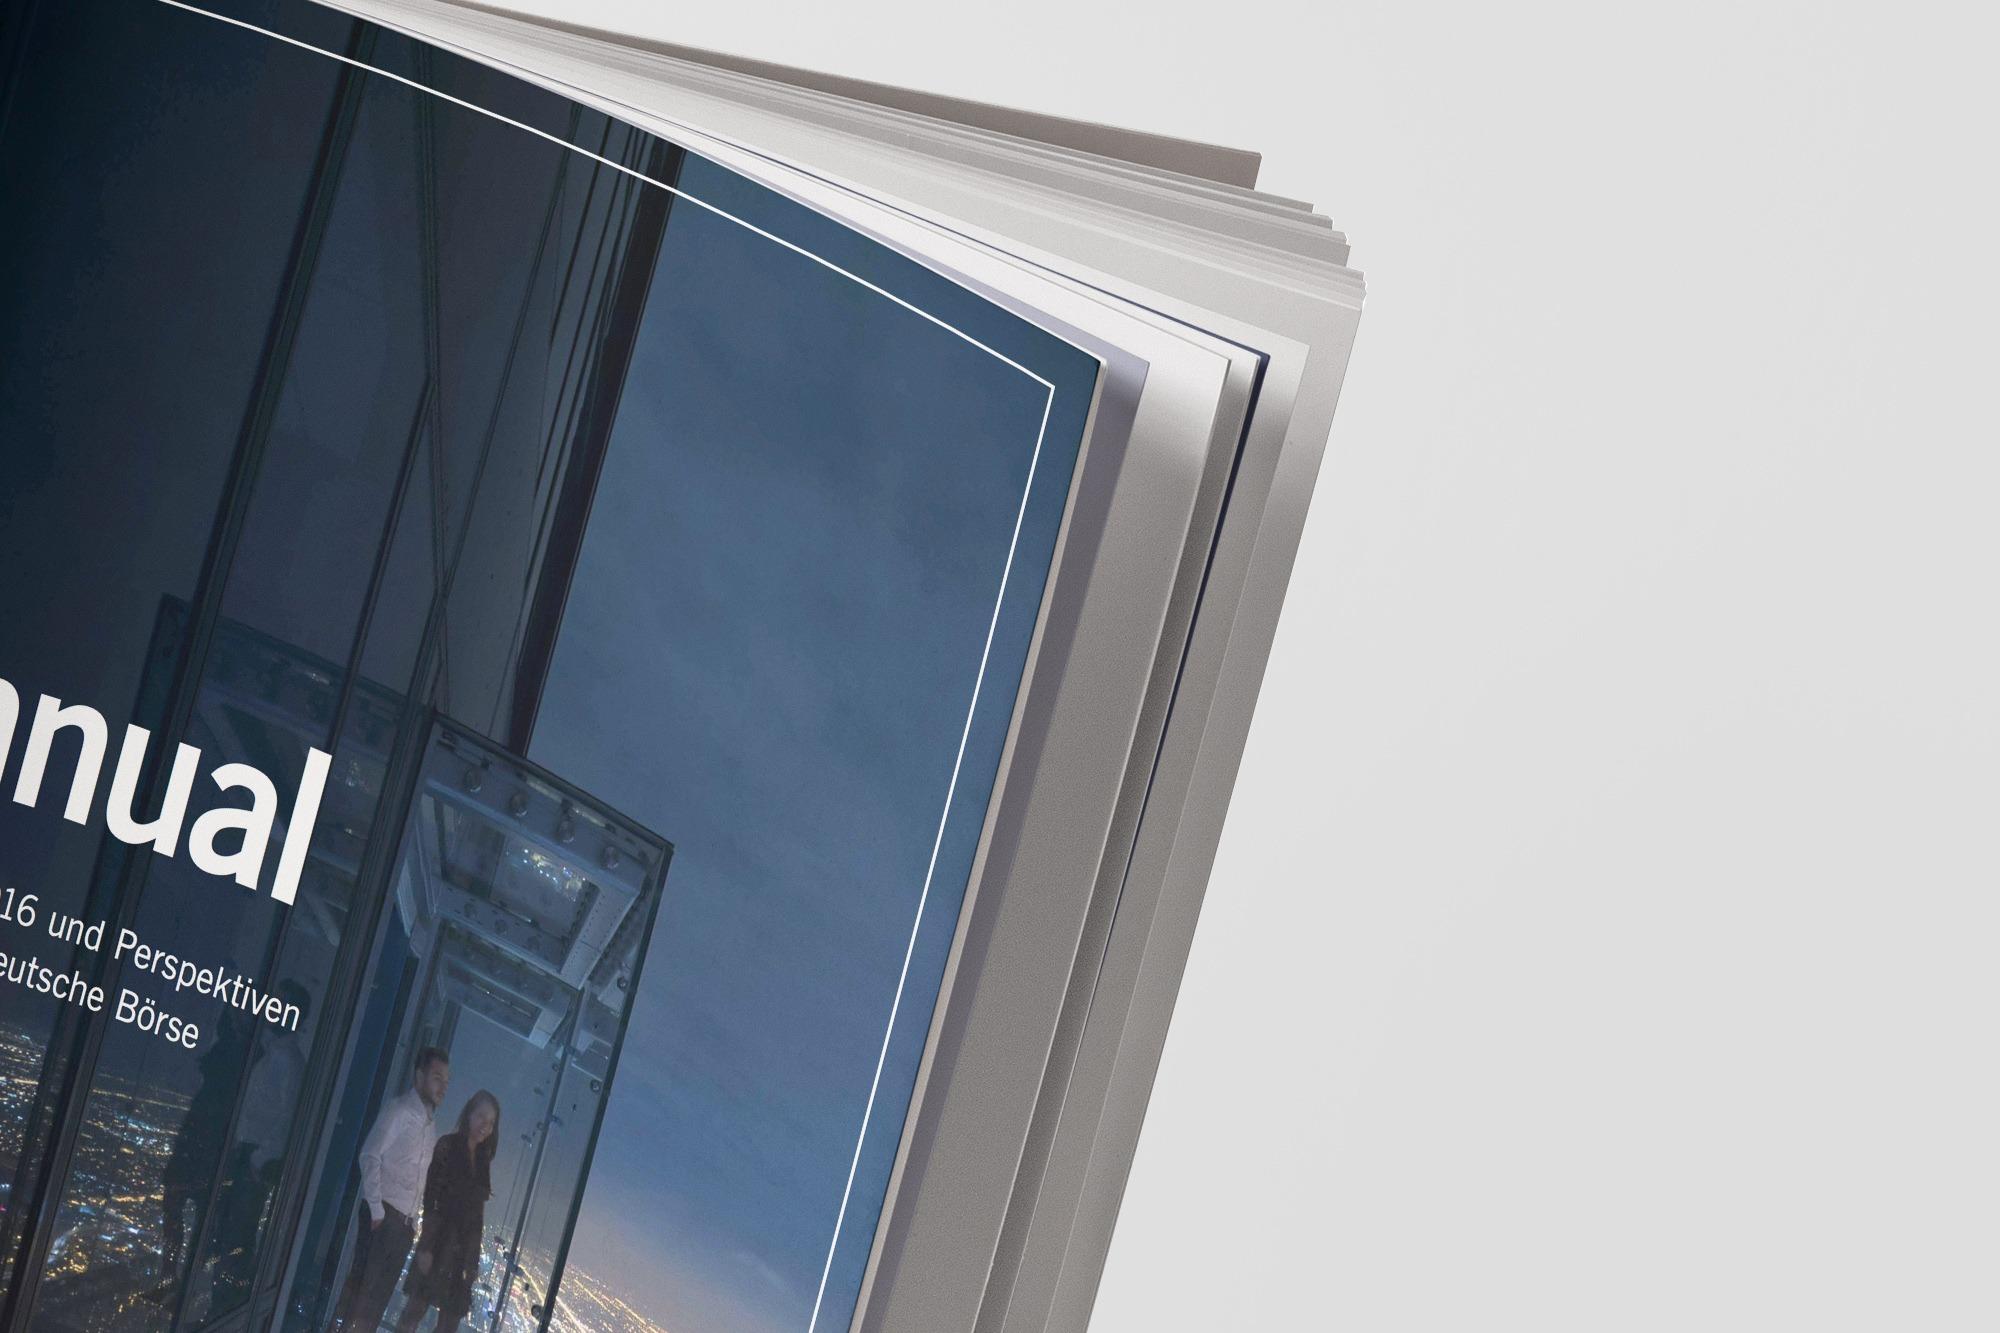 Studio dos, Grafikdesign Osnabrück, Gruppe Deutsche Börse Annual Cover aufgeschlagen Detail